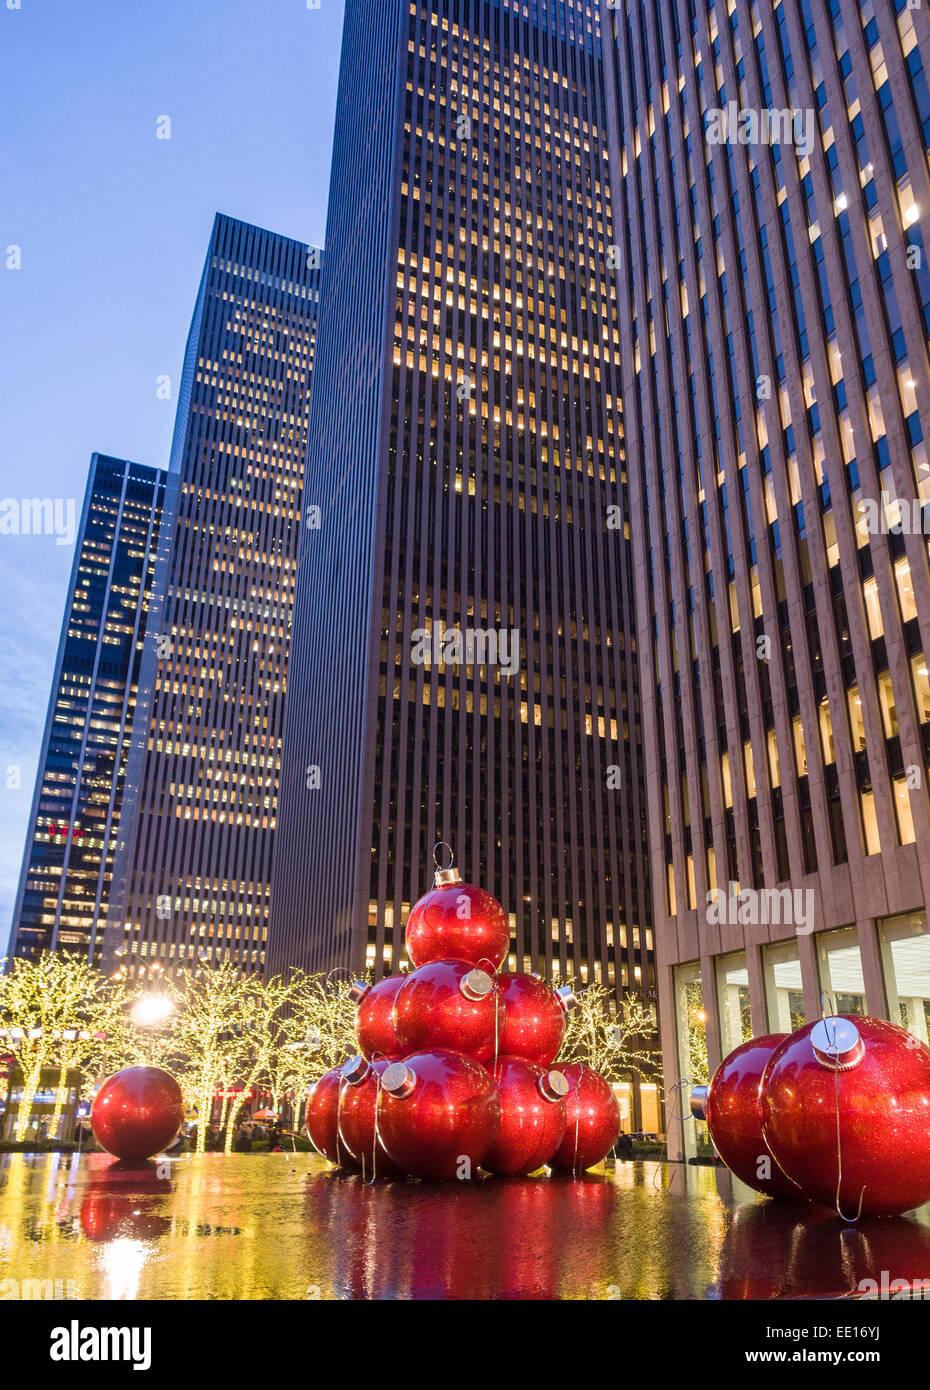 Red Giant Weihnachtskugeln unterhalb der Türme. Abends Blick auf riesige Weihnachtskugeln platziert jährlich Stockbild